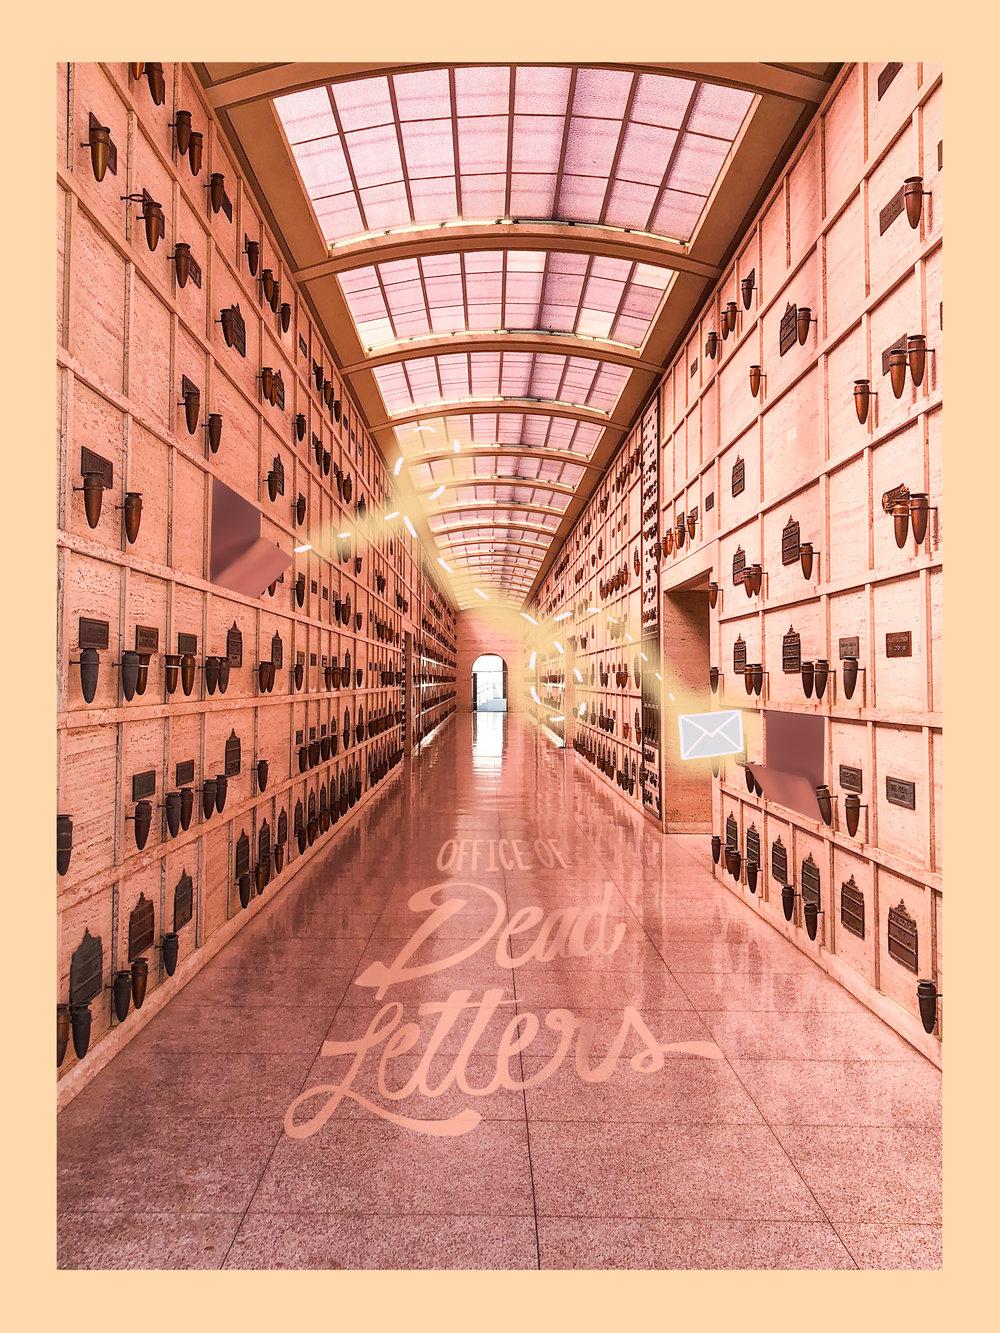 Office-of-Dead-Letters2.jpg